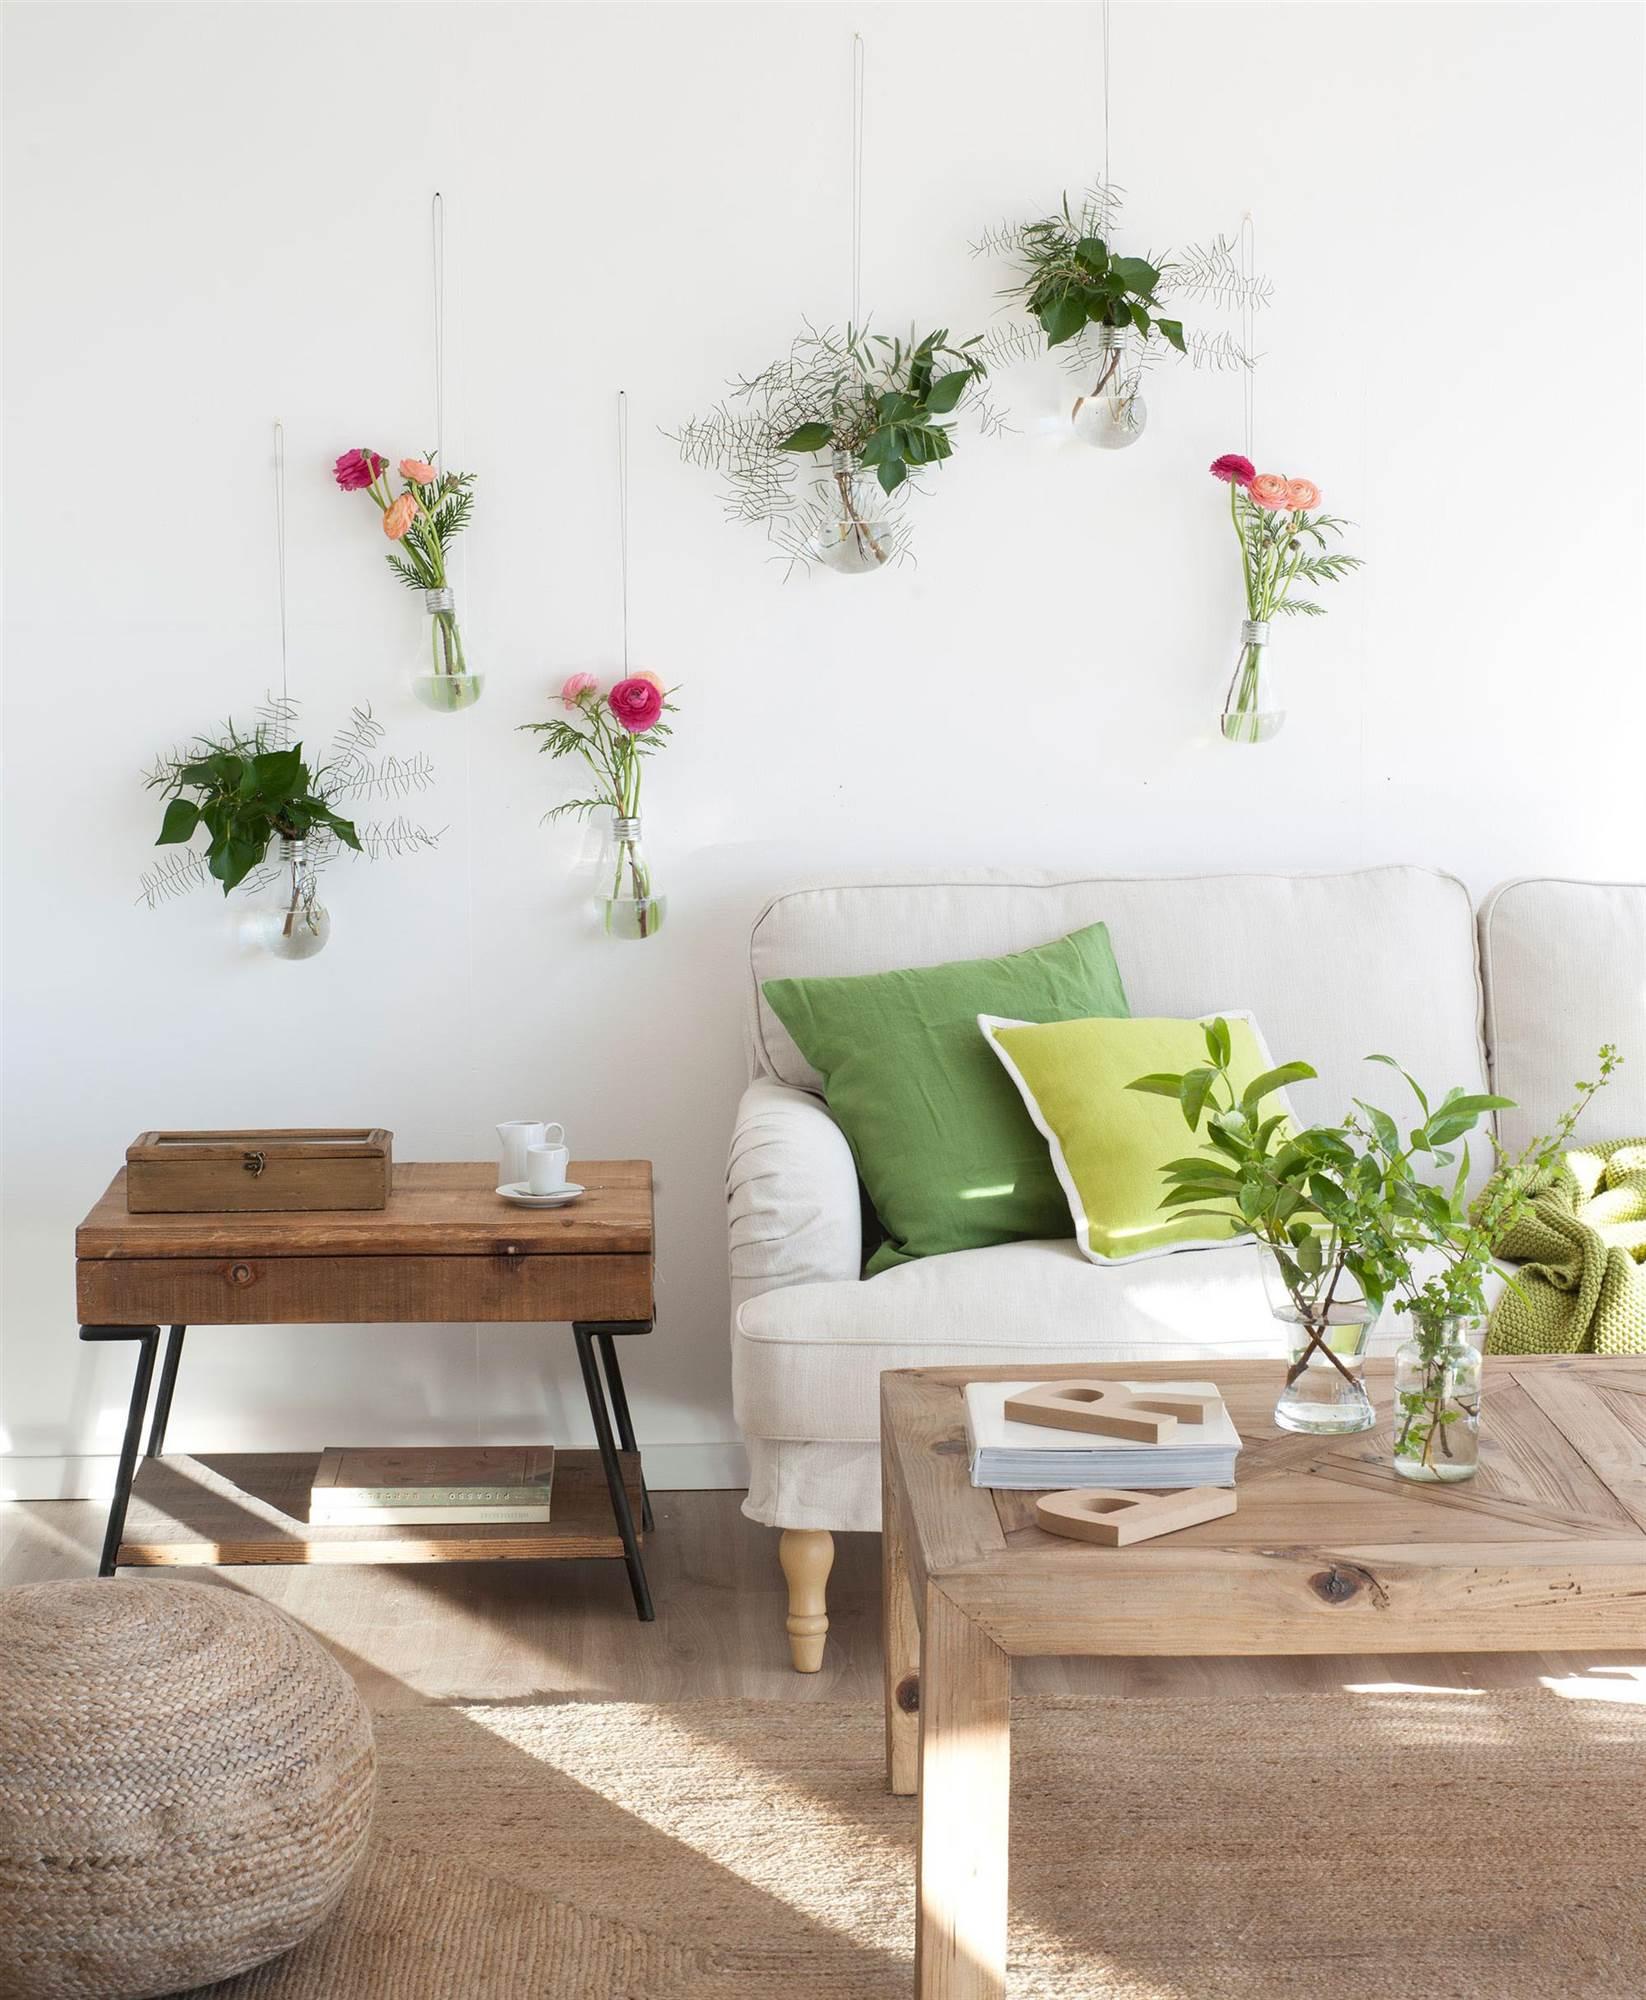 pared de salon decorada con pequeños jarrones de flores 00433258 O. Decora  la pared del salón dee988d3209